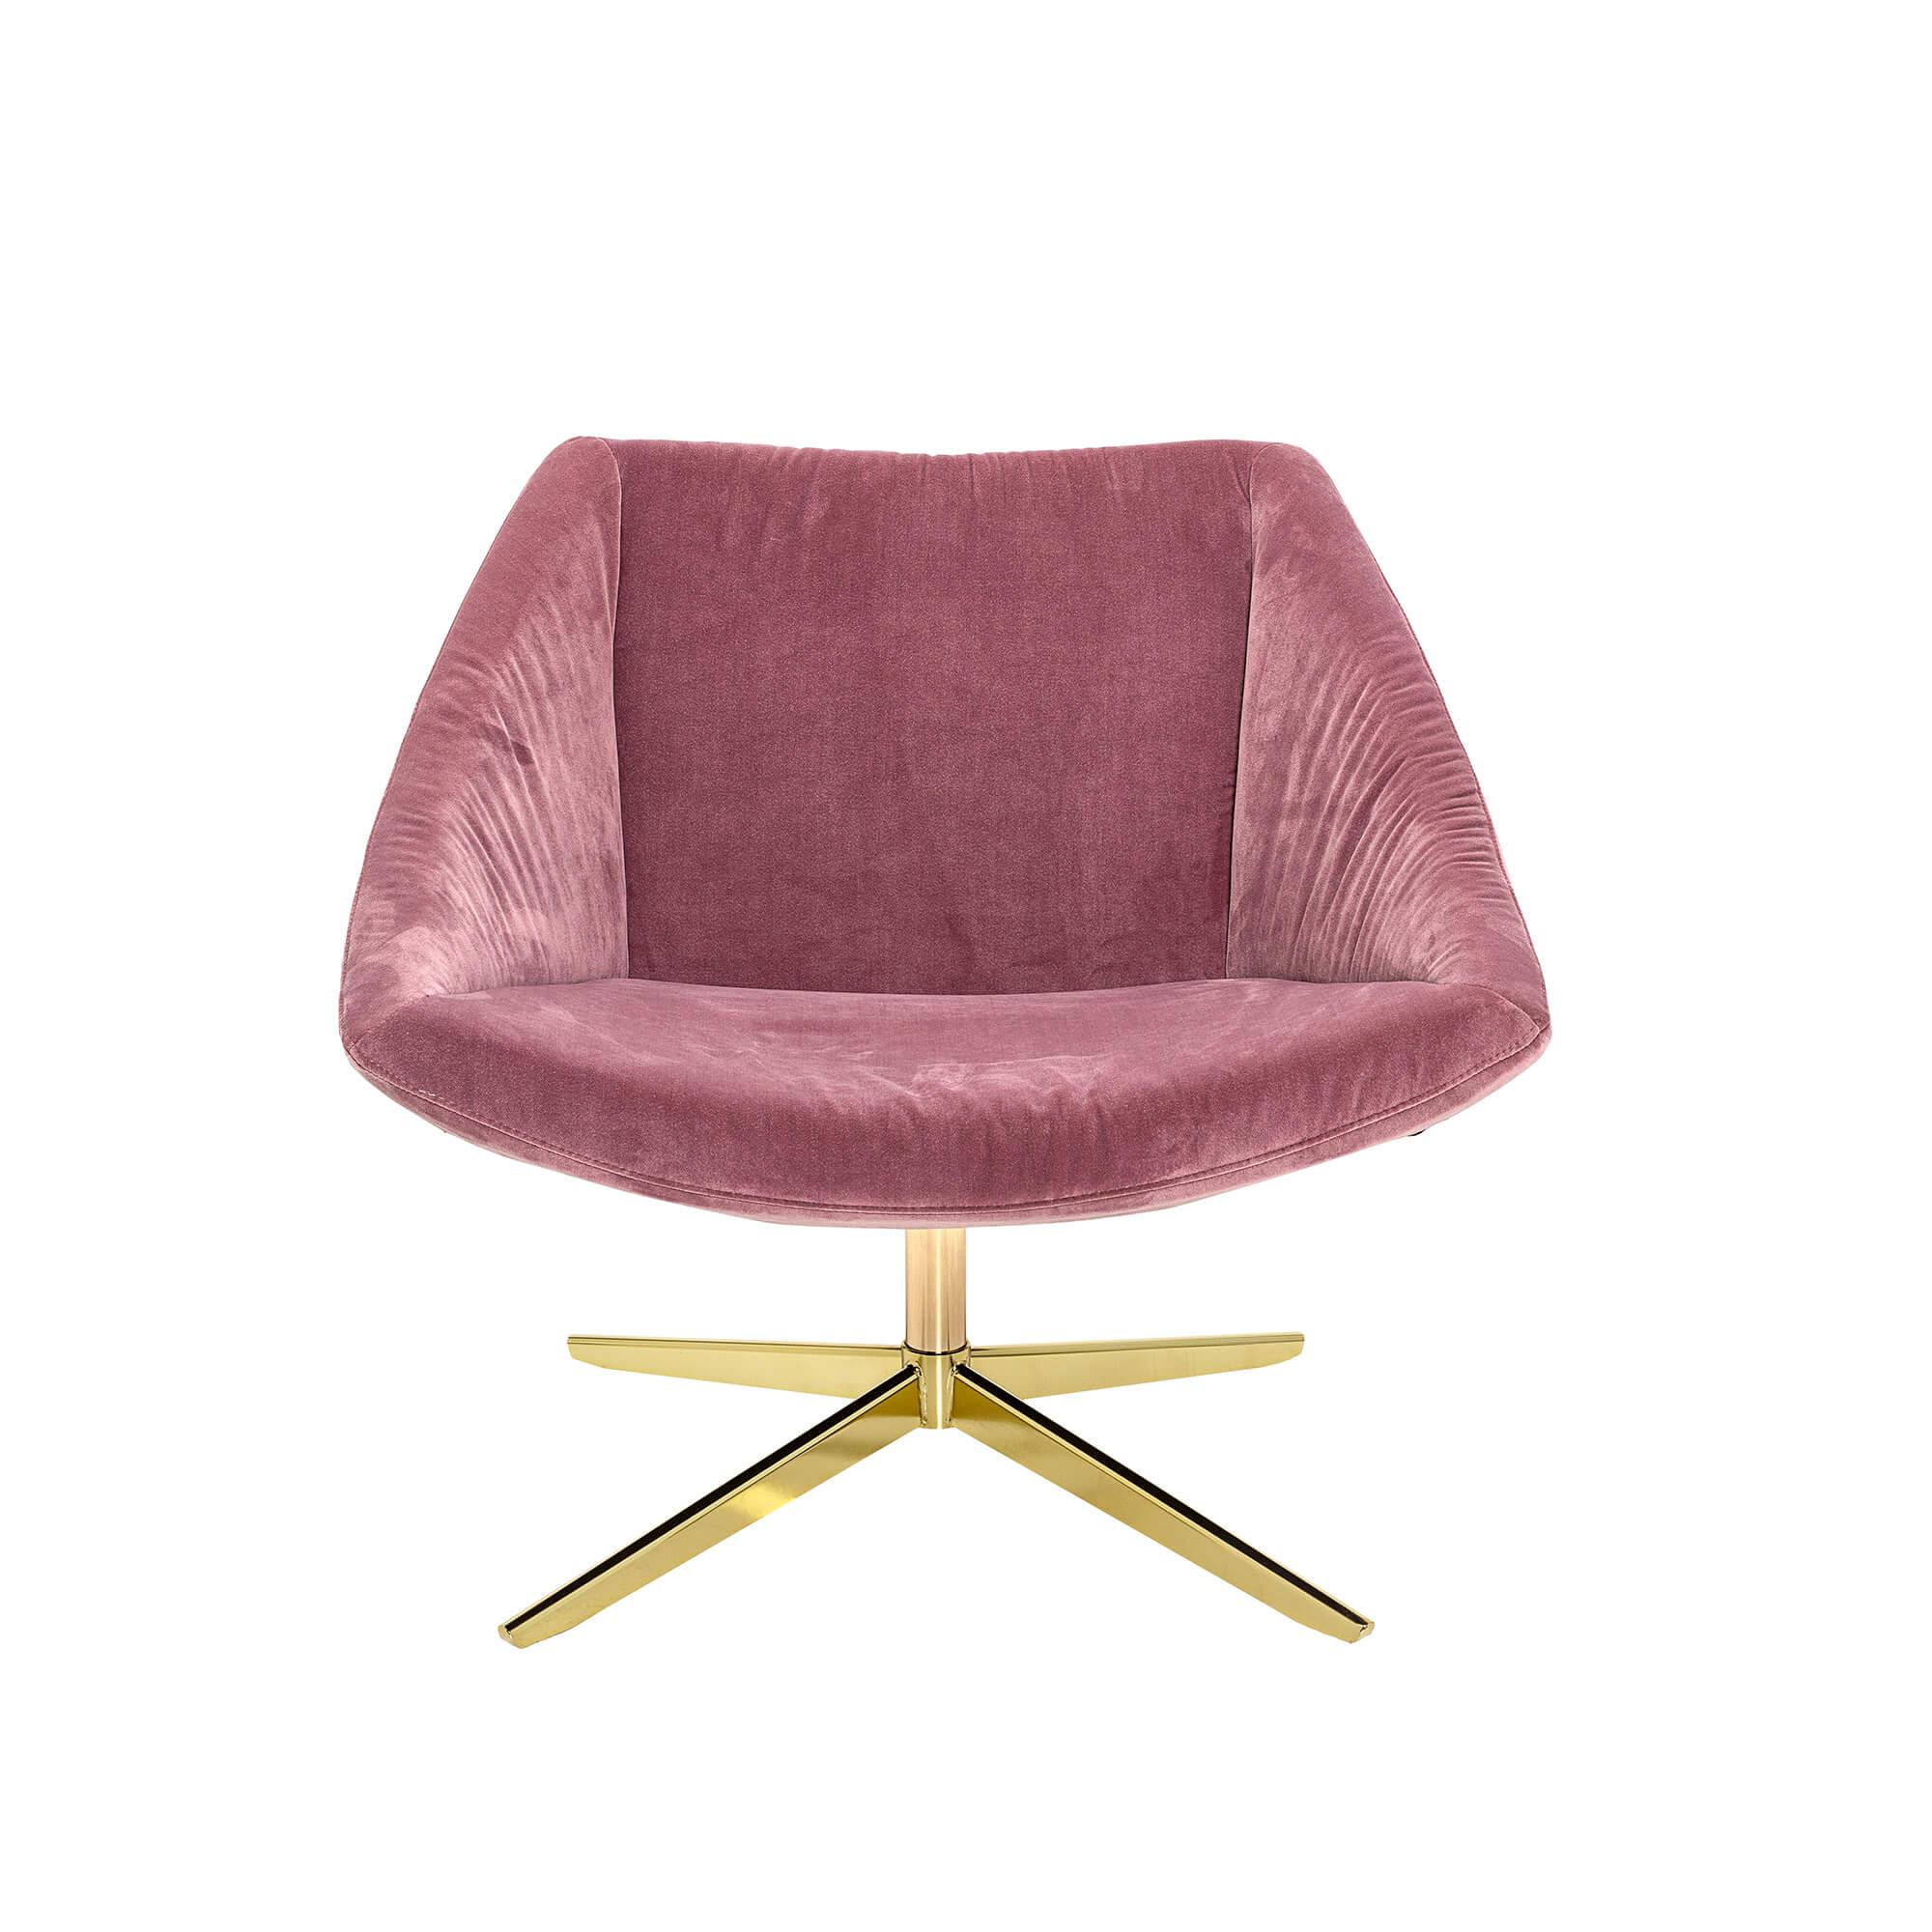 BLOOMINGVILLE Elegant drejestol – rosa/guld polyester/metal, m. armlæn